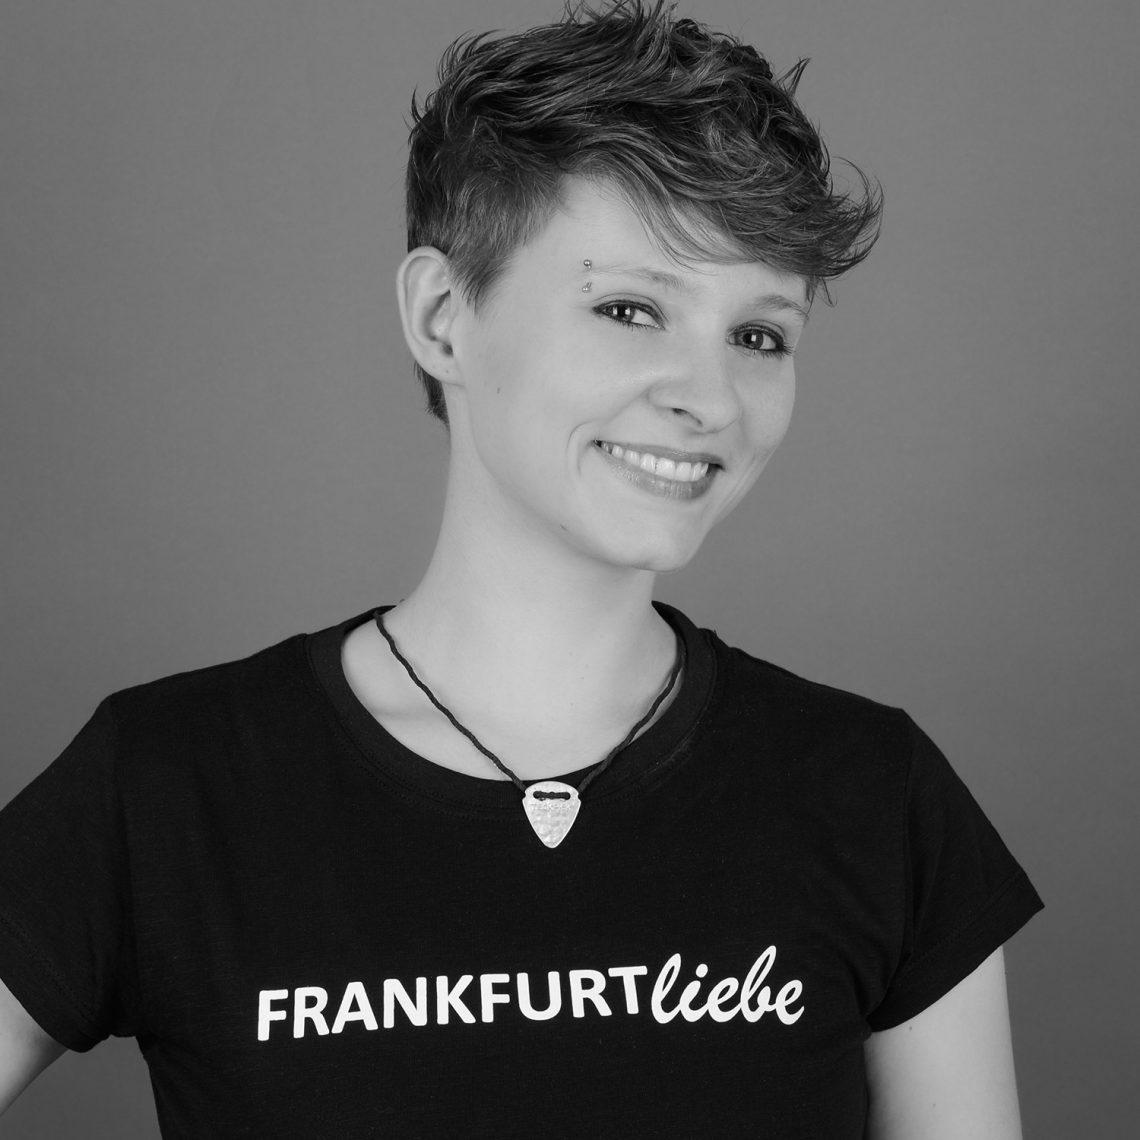 Welt-Mädchentag: Zahlreiche Mädchen und Frauen im Steigenberger Frankfurter Hof für die Rechte von Mädchen